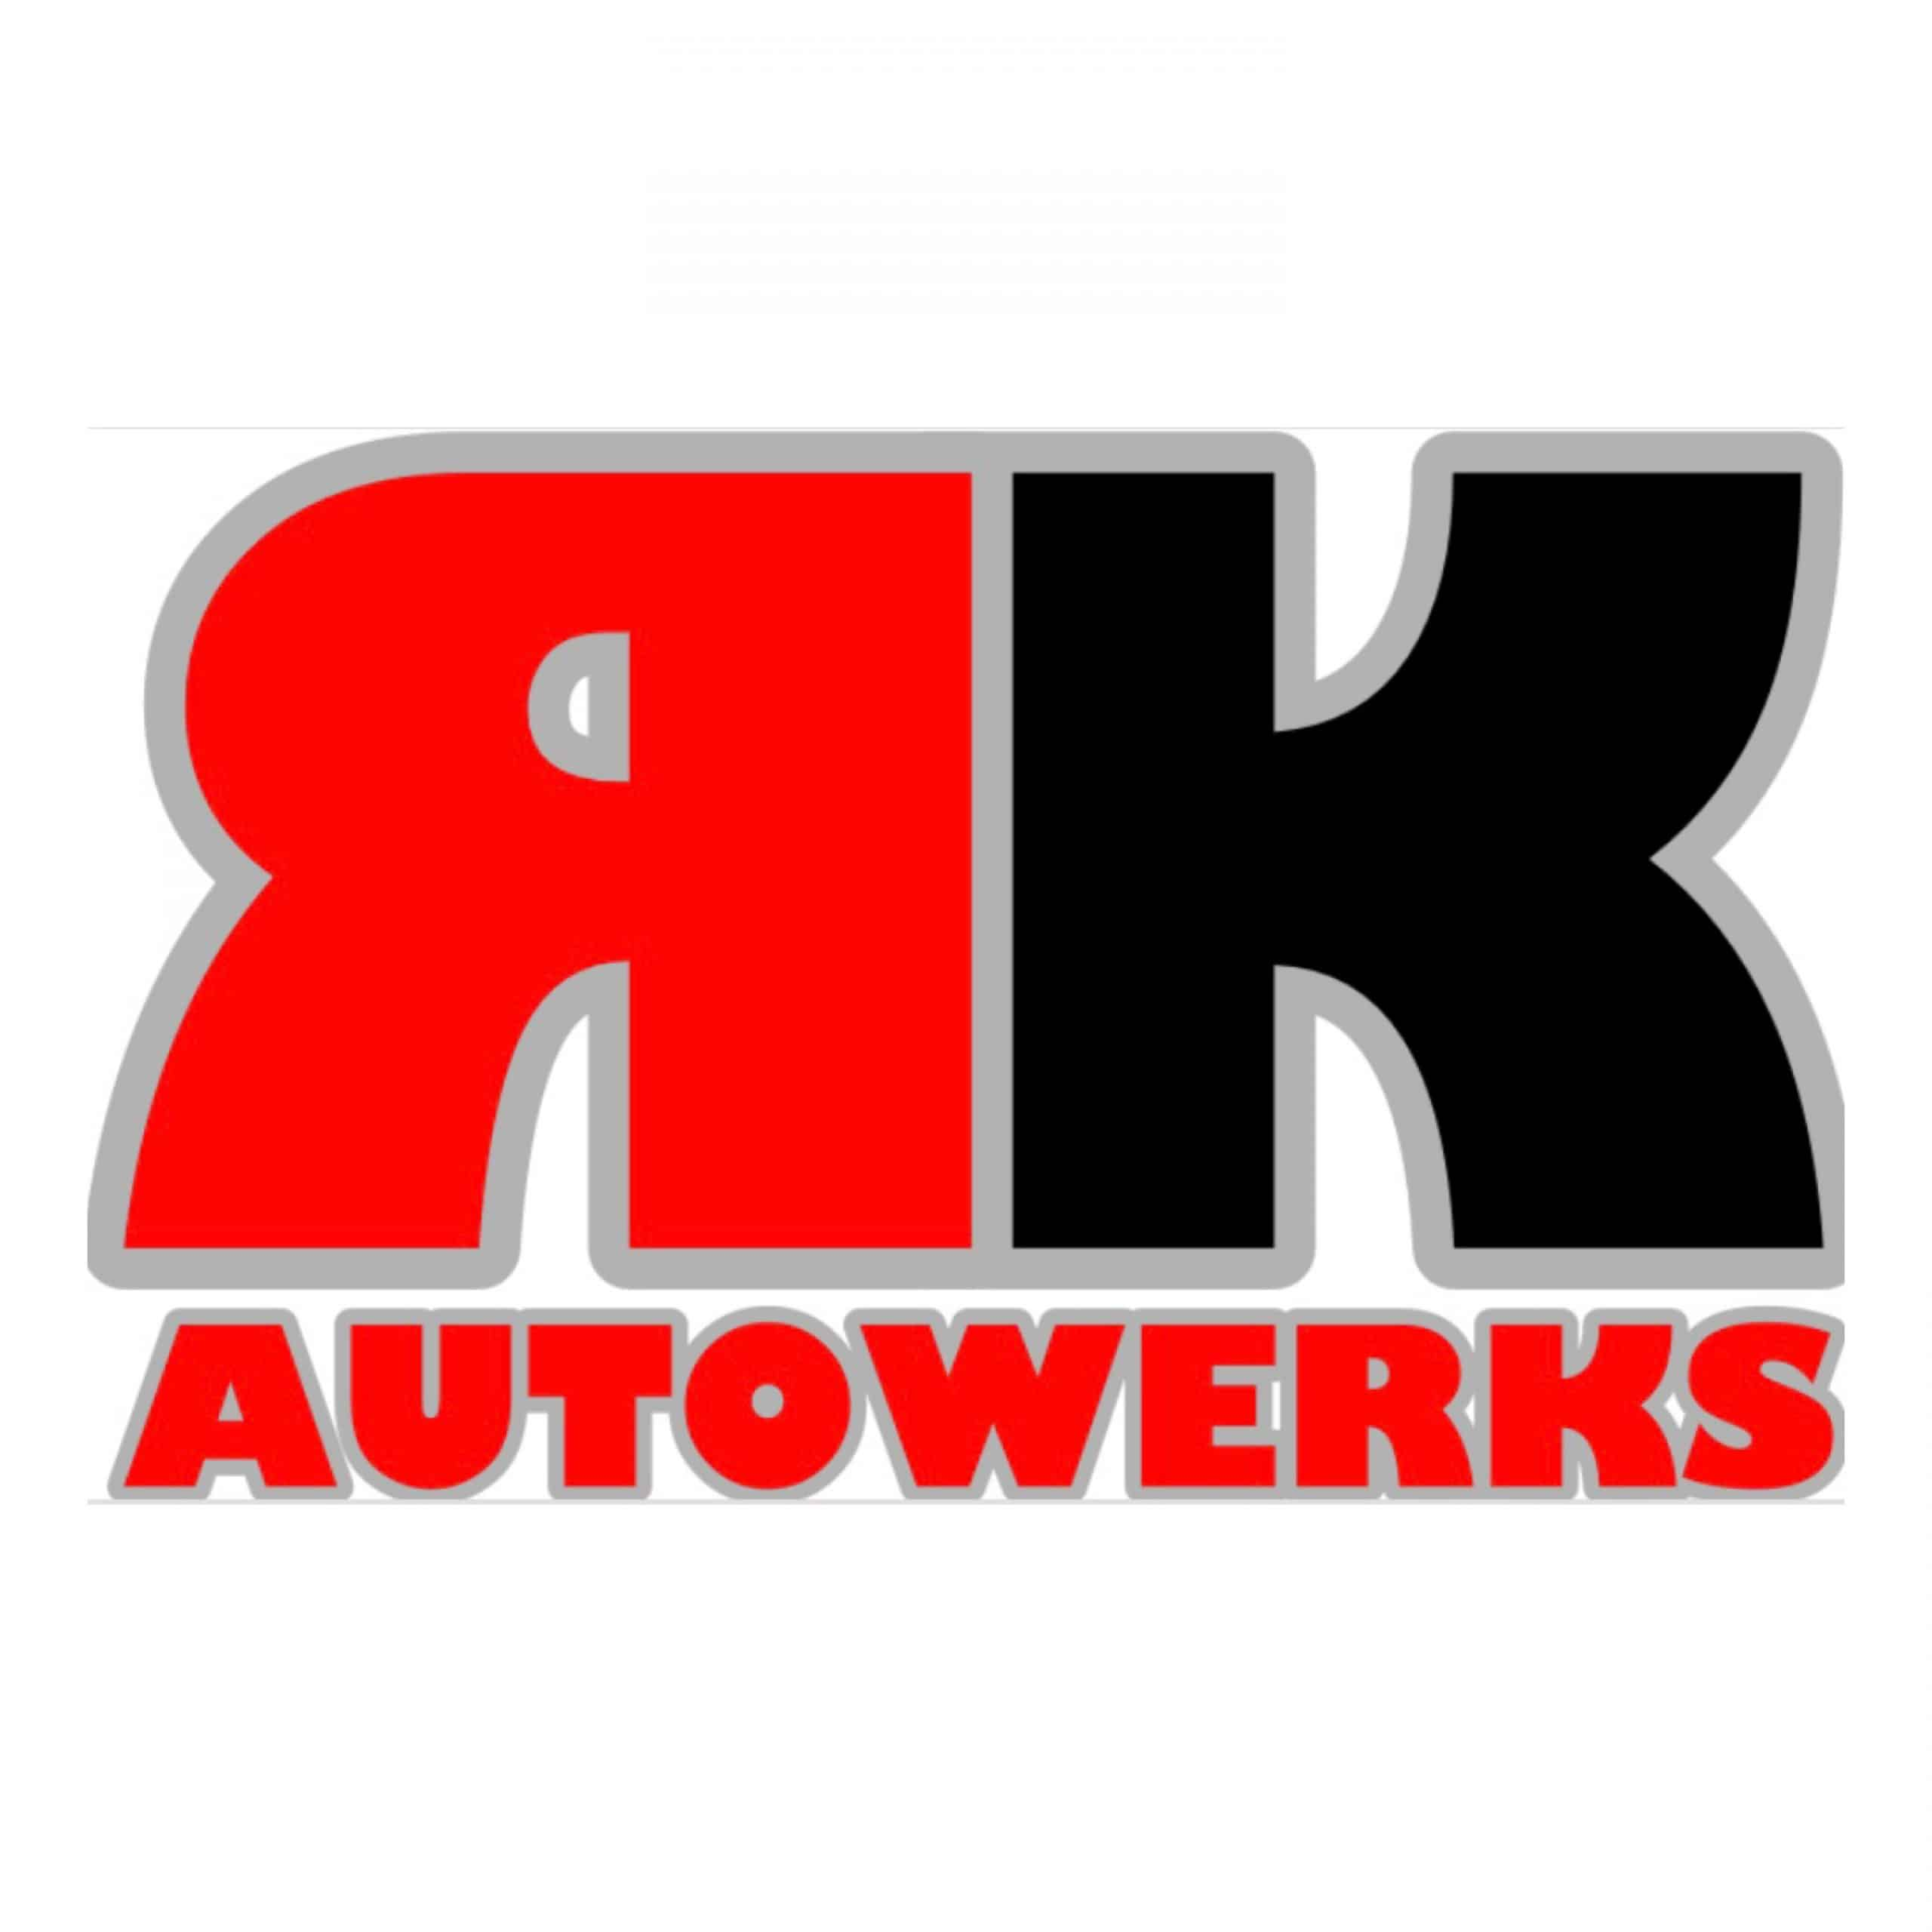 RK AUTOWERKS